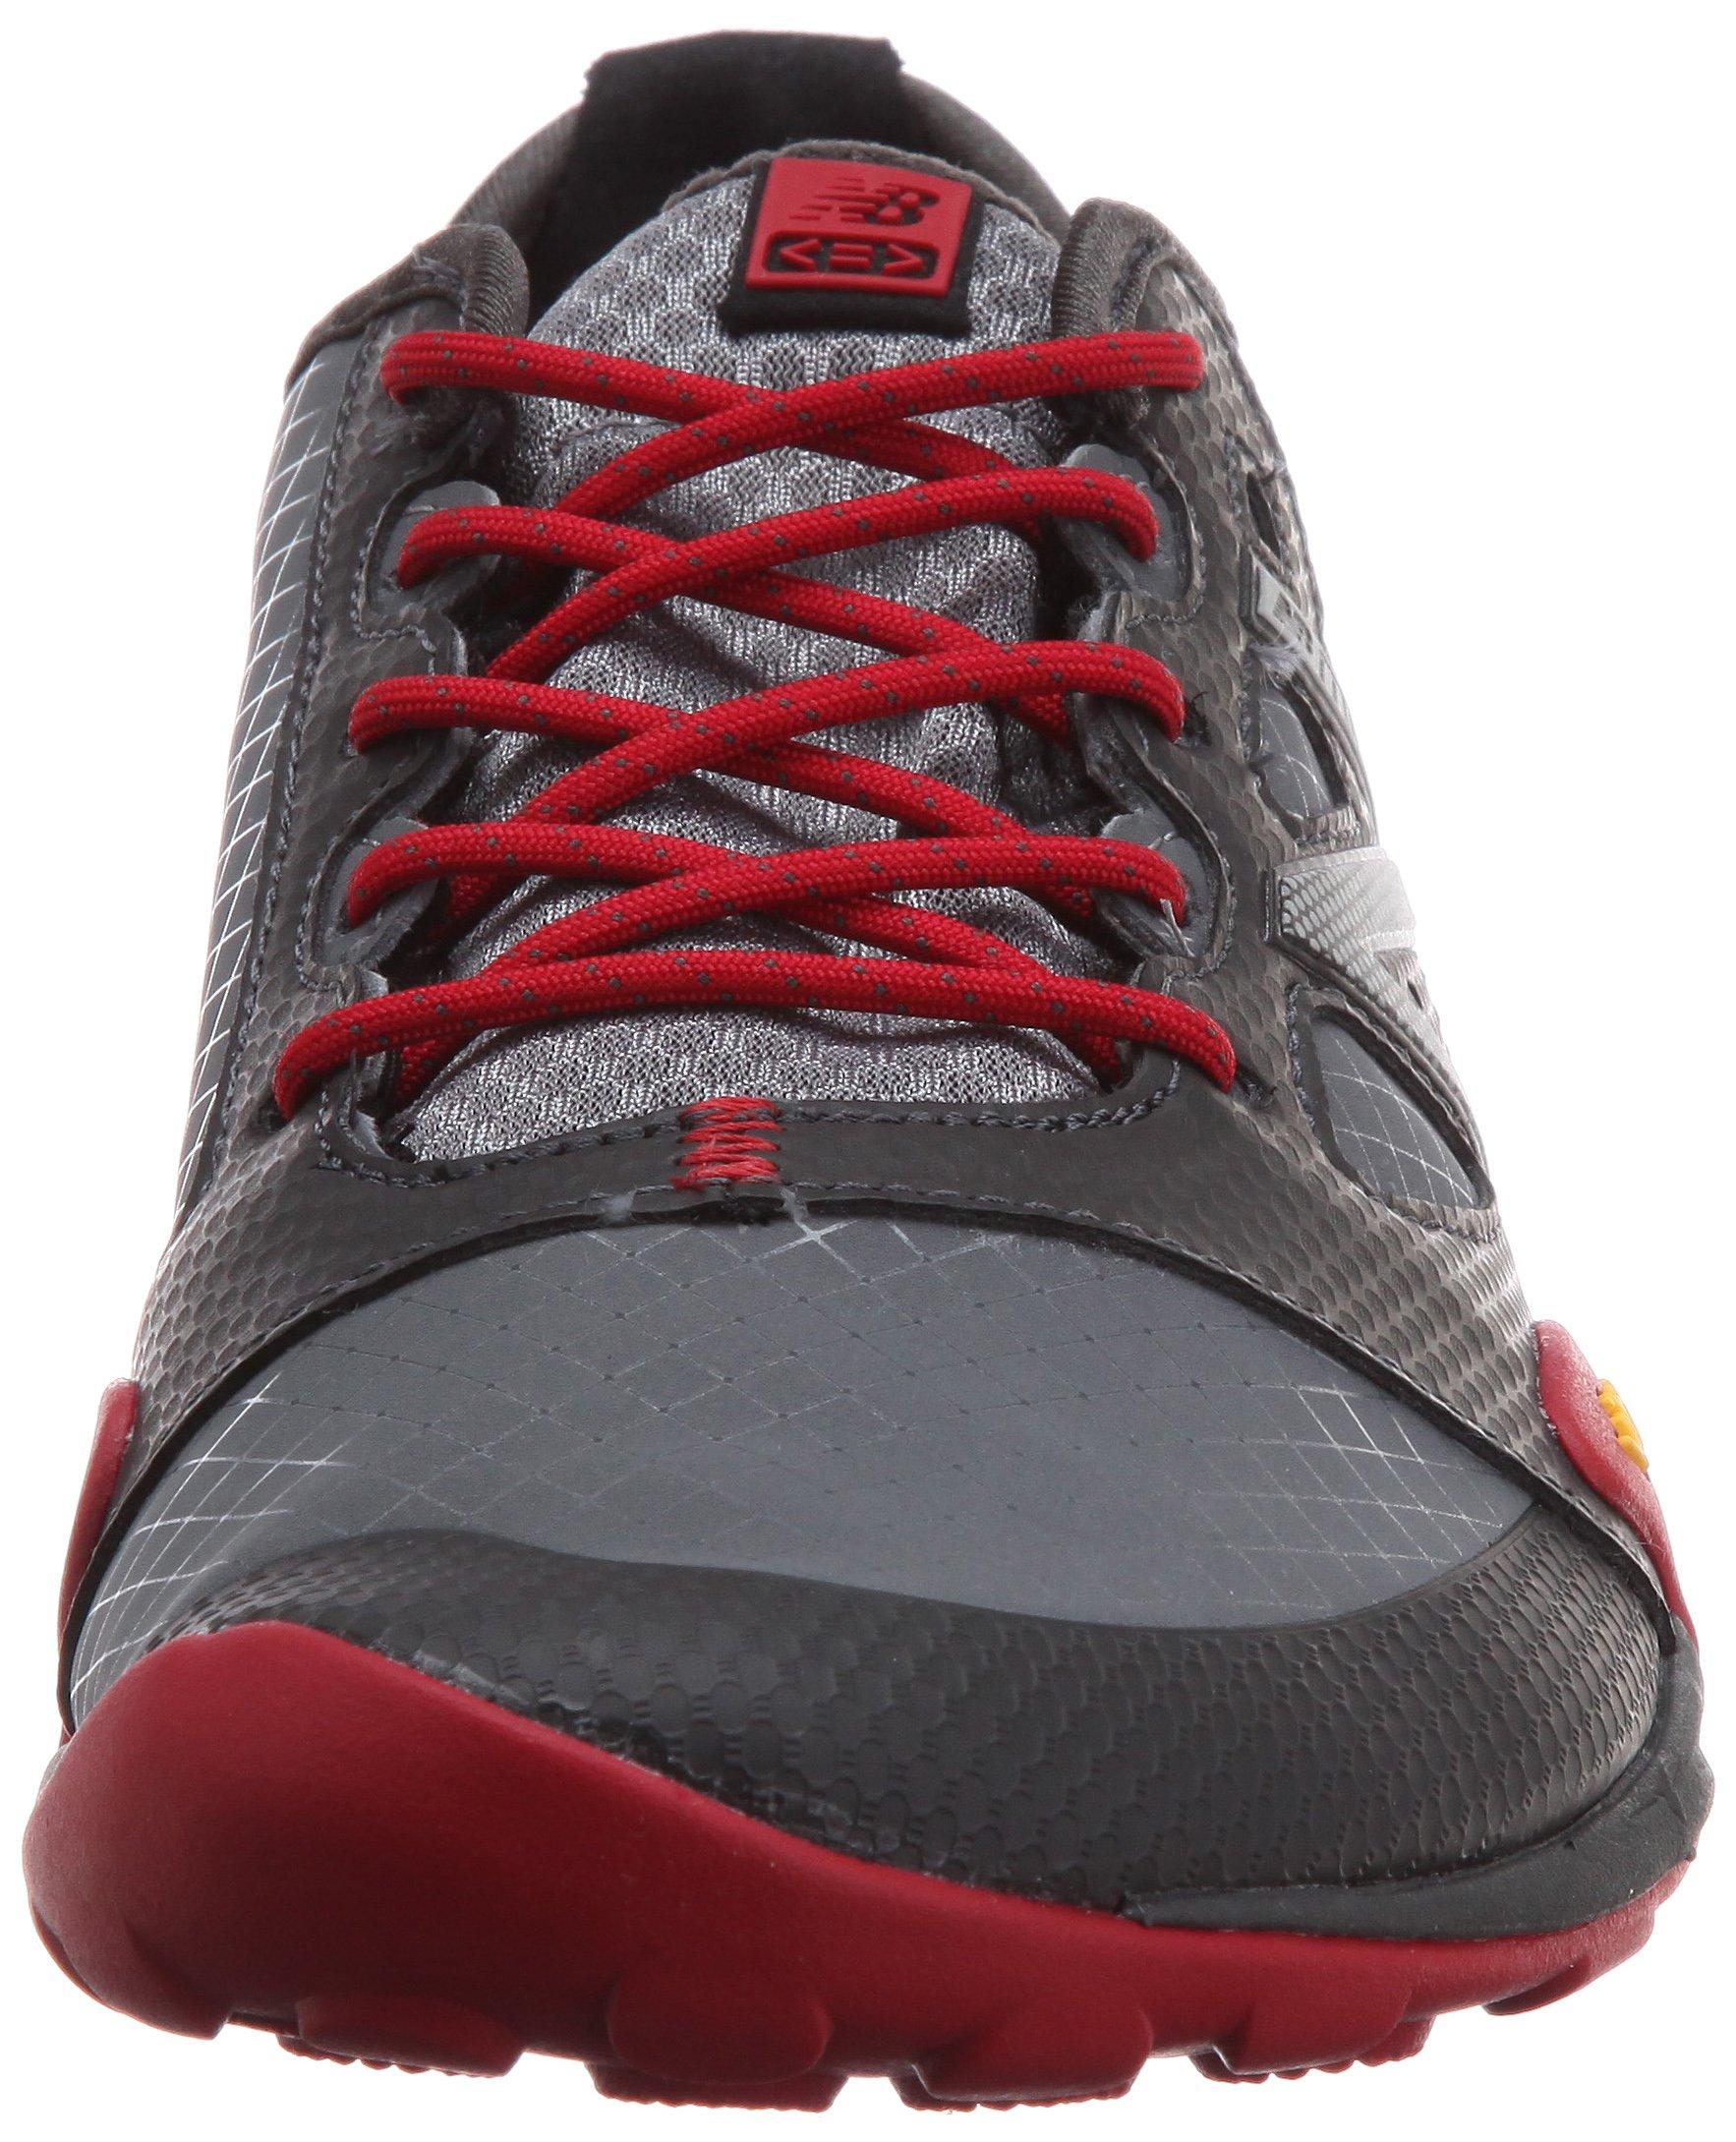 登山鞋 户外鞋 鞋 鞋子 运动鞋 1766_2179